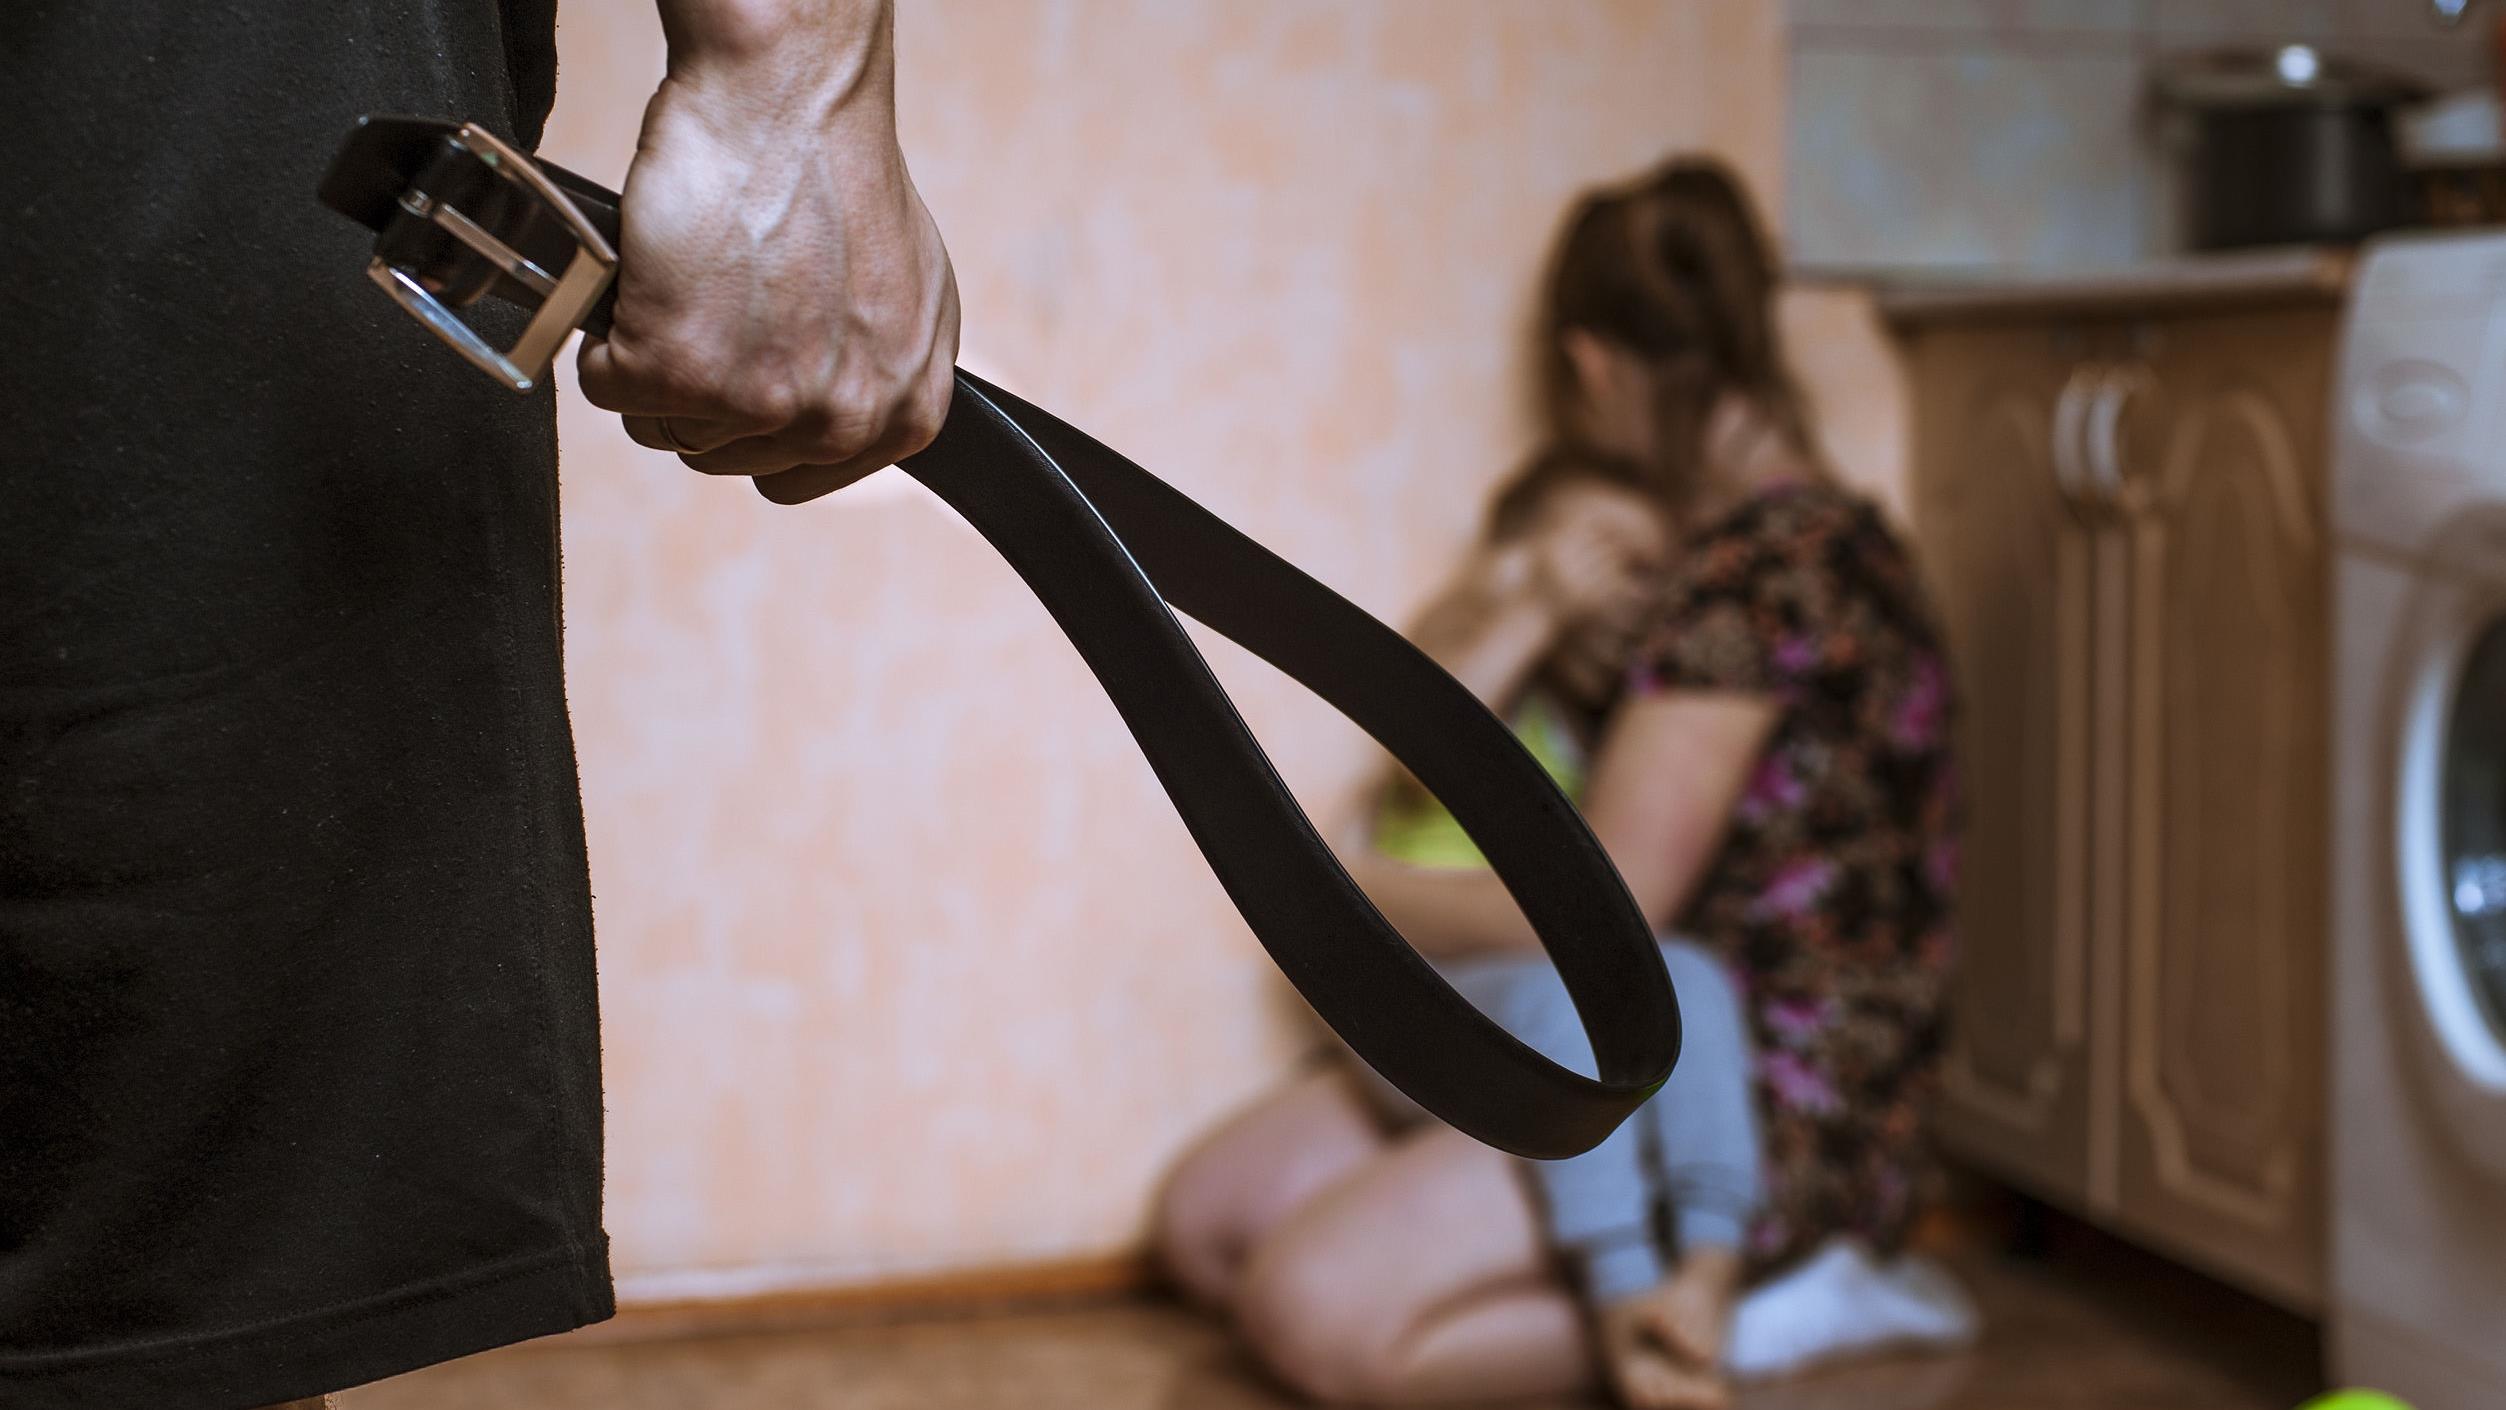 Сестра наказала ремнем рассказы, Максим. Шантаж. - Эротические рассказы 18 фотография